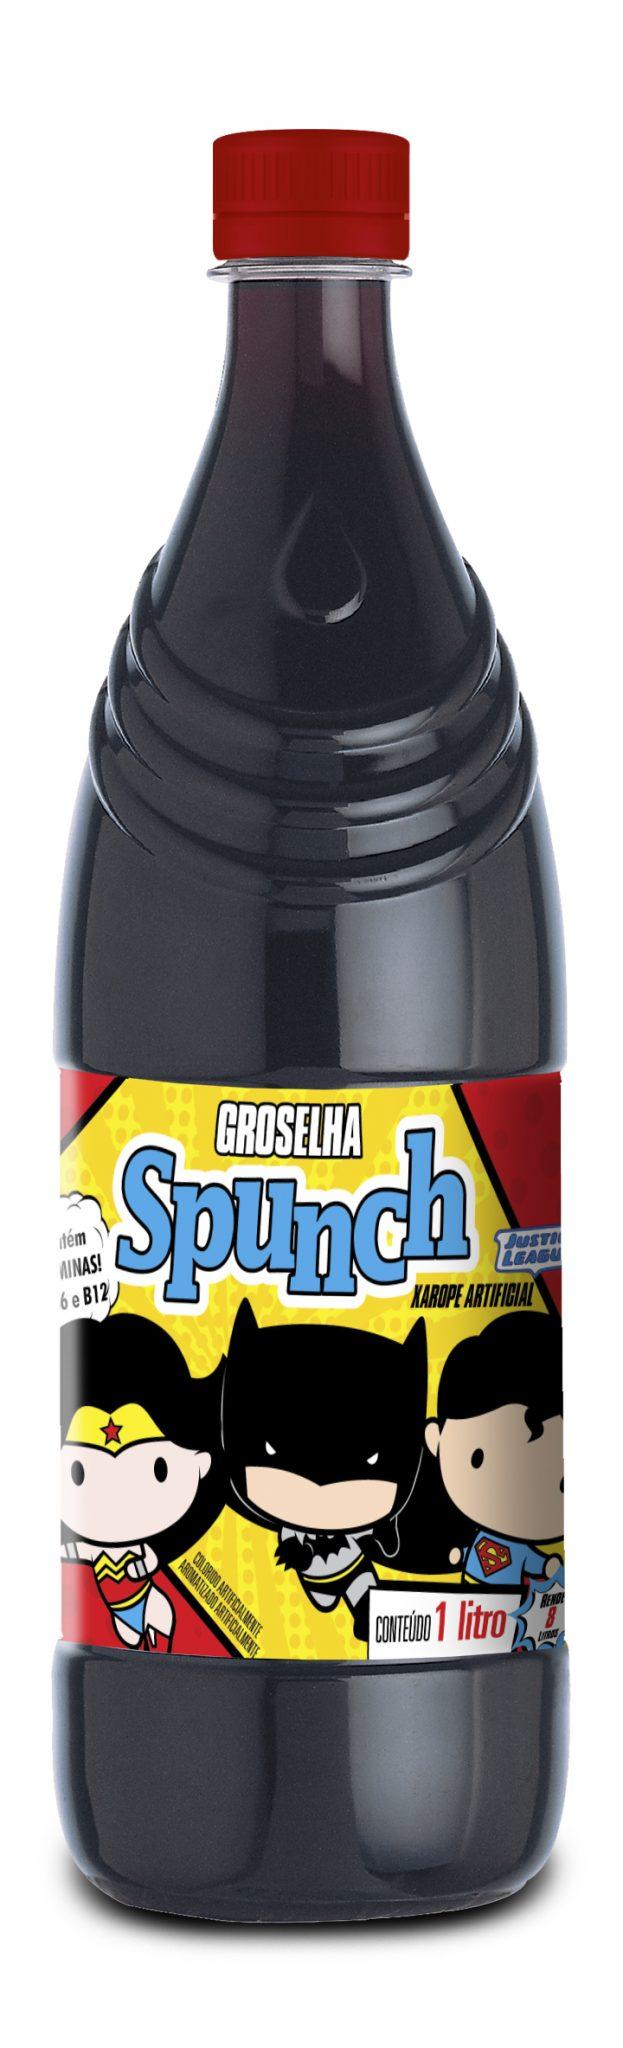 Groselha Spunch